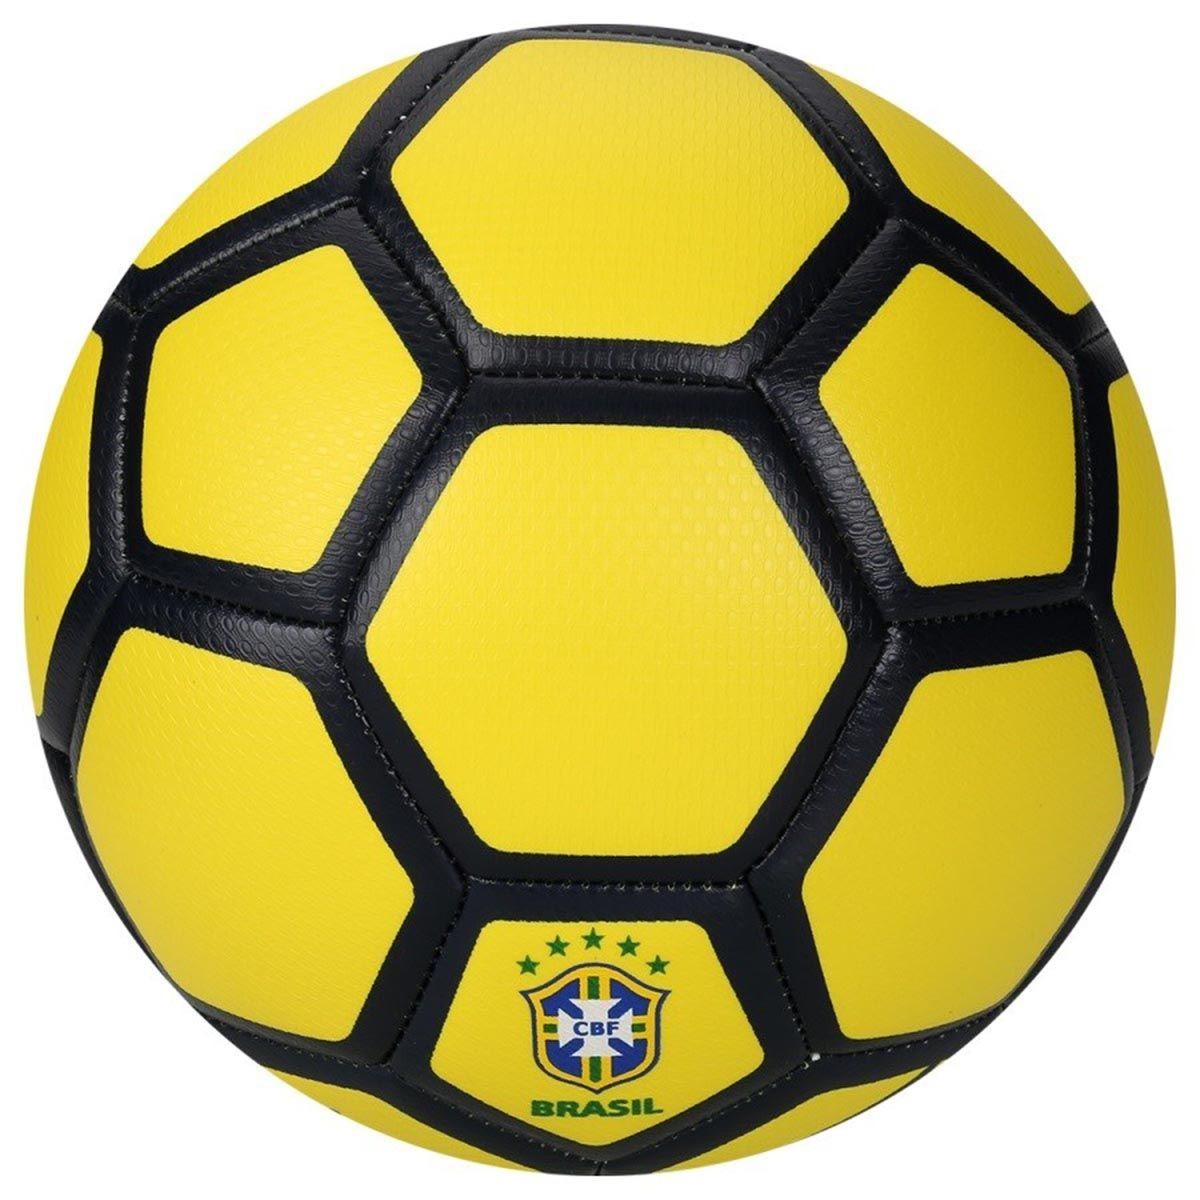 b4e58a96c5 Bola De Futsal Nike Rolinho Menor Cbf Orig C nf De149